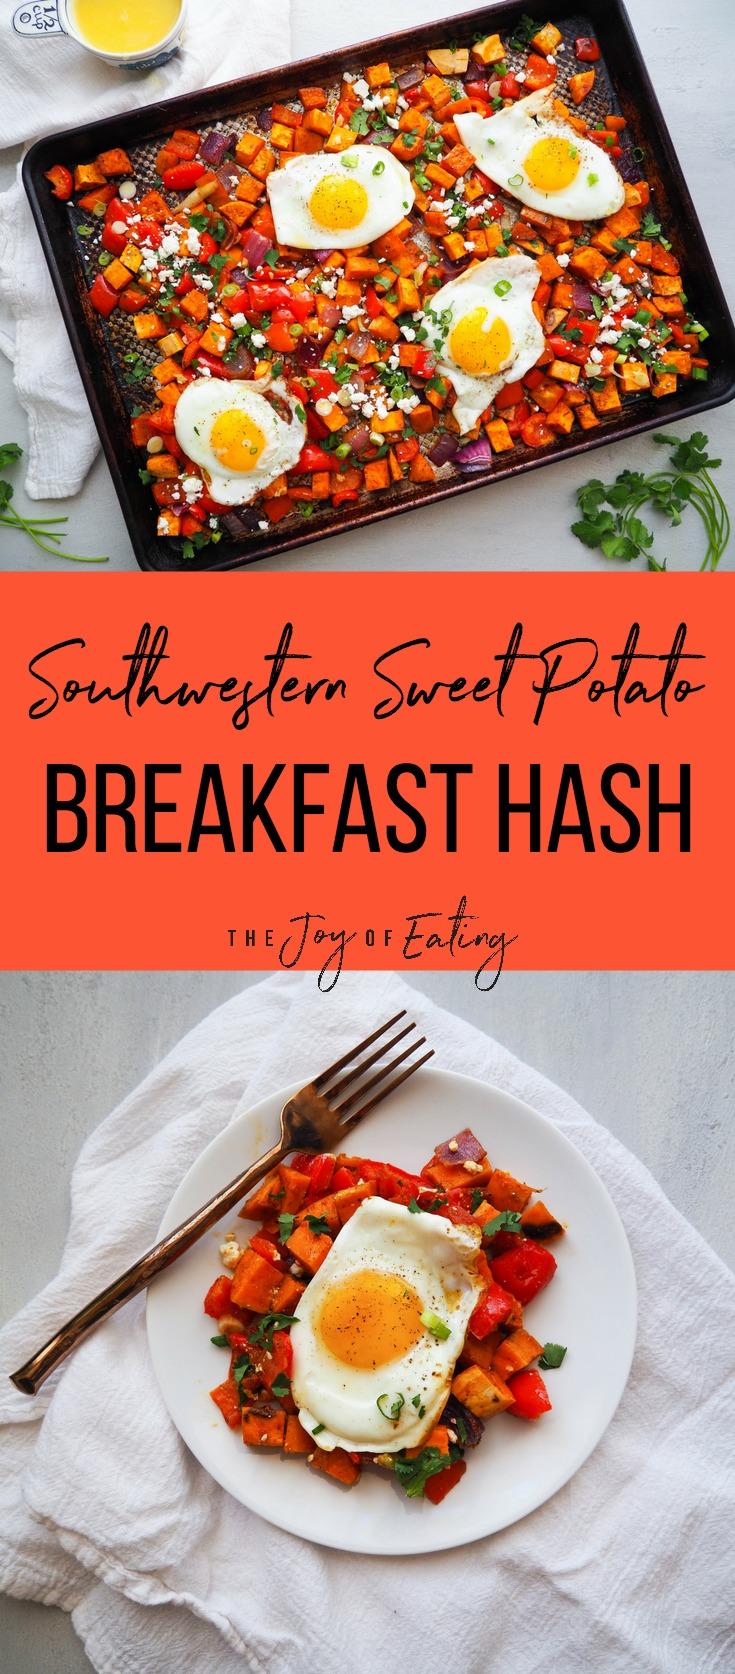 Southwestern sweet poato breakfast hash.jpg